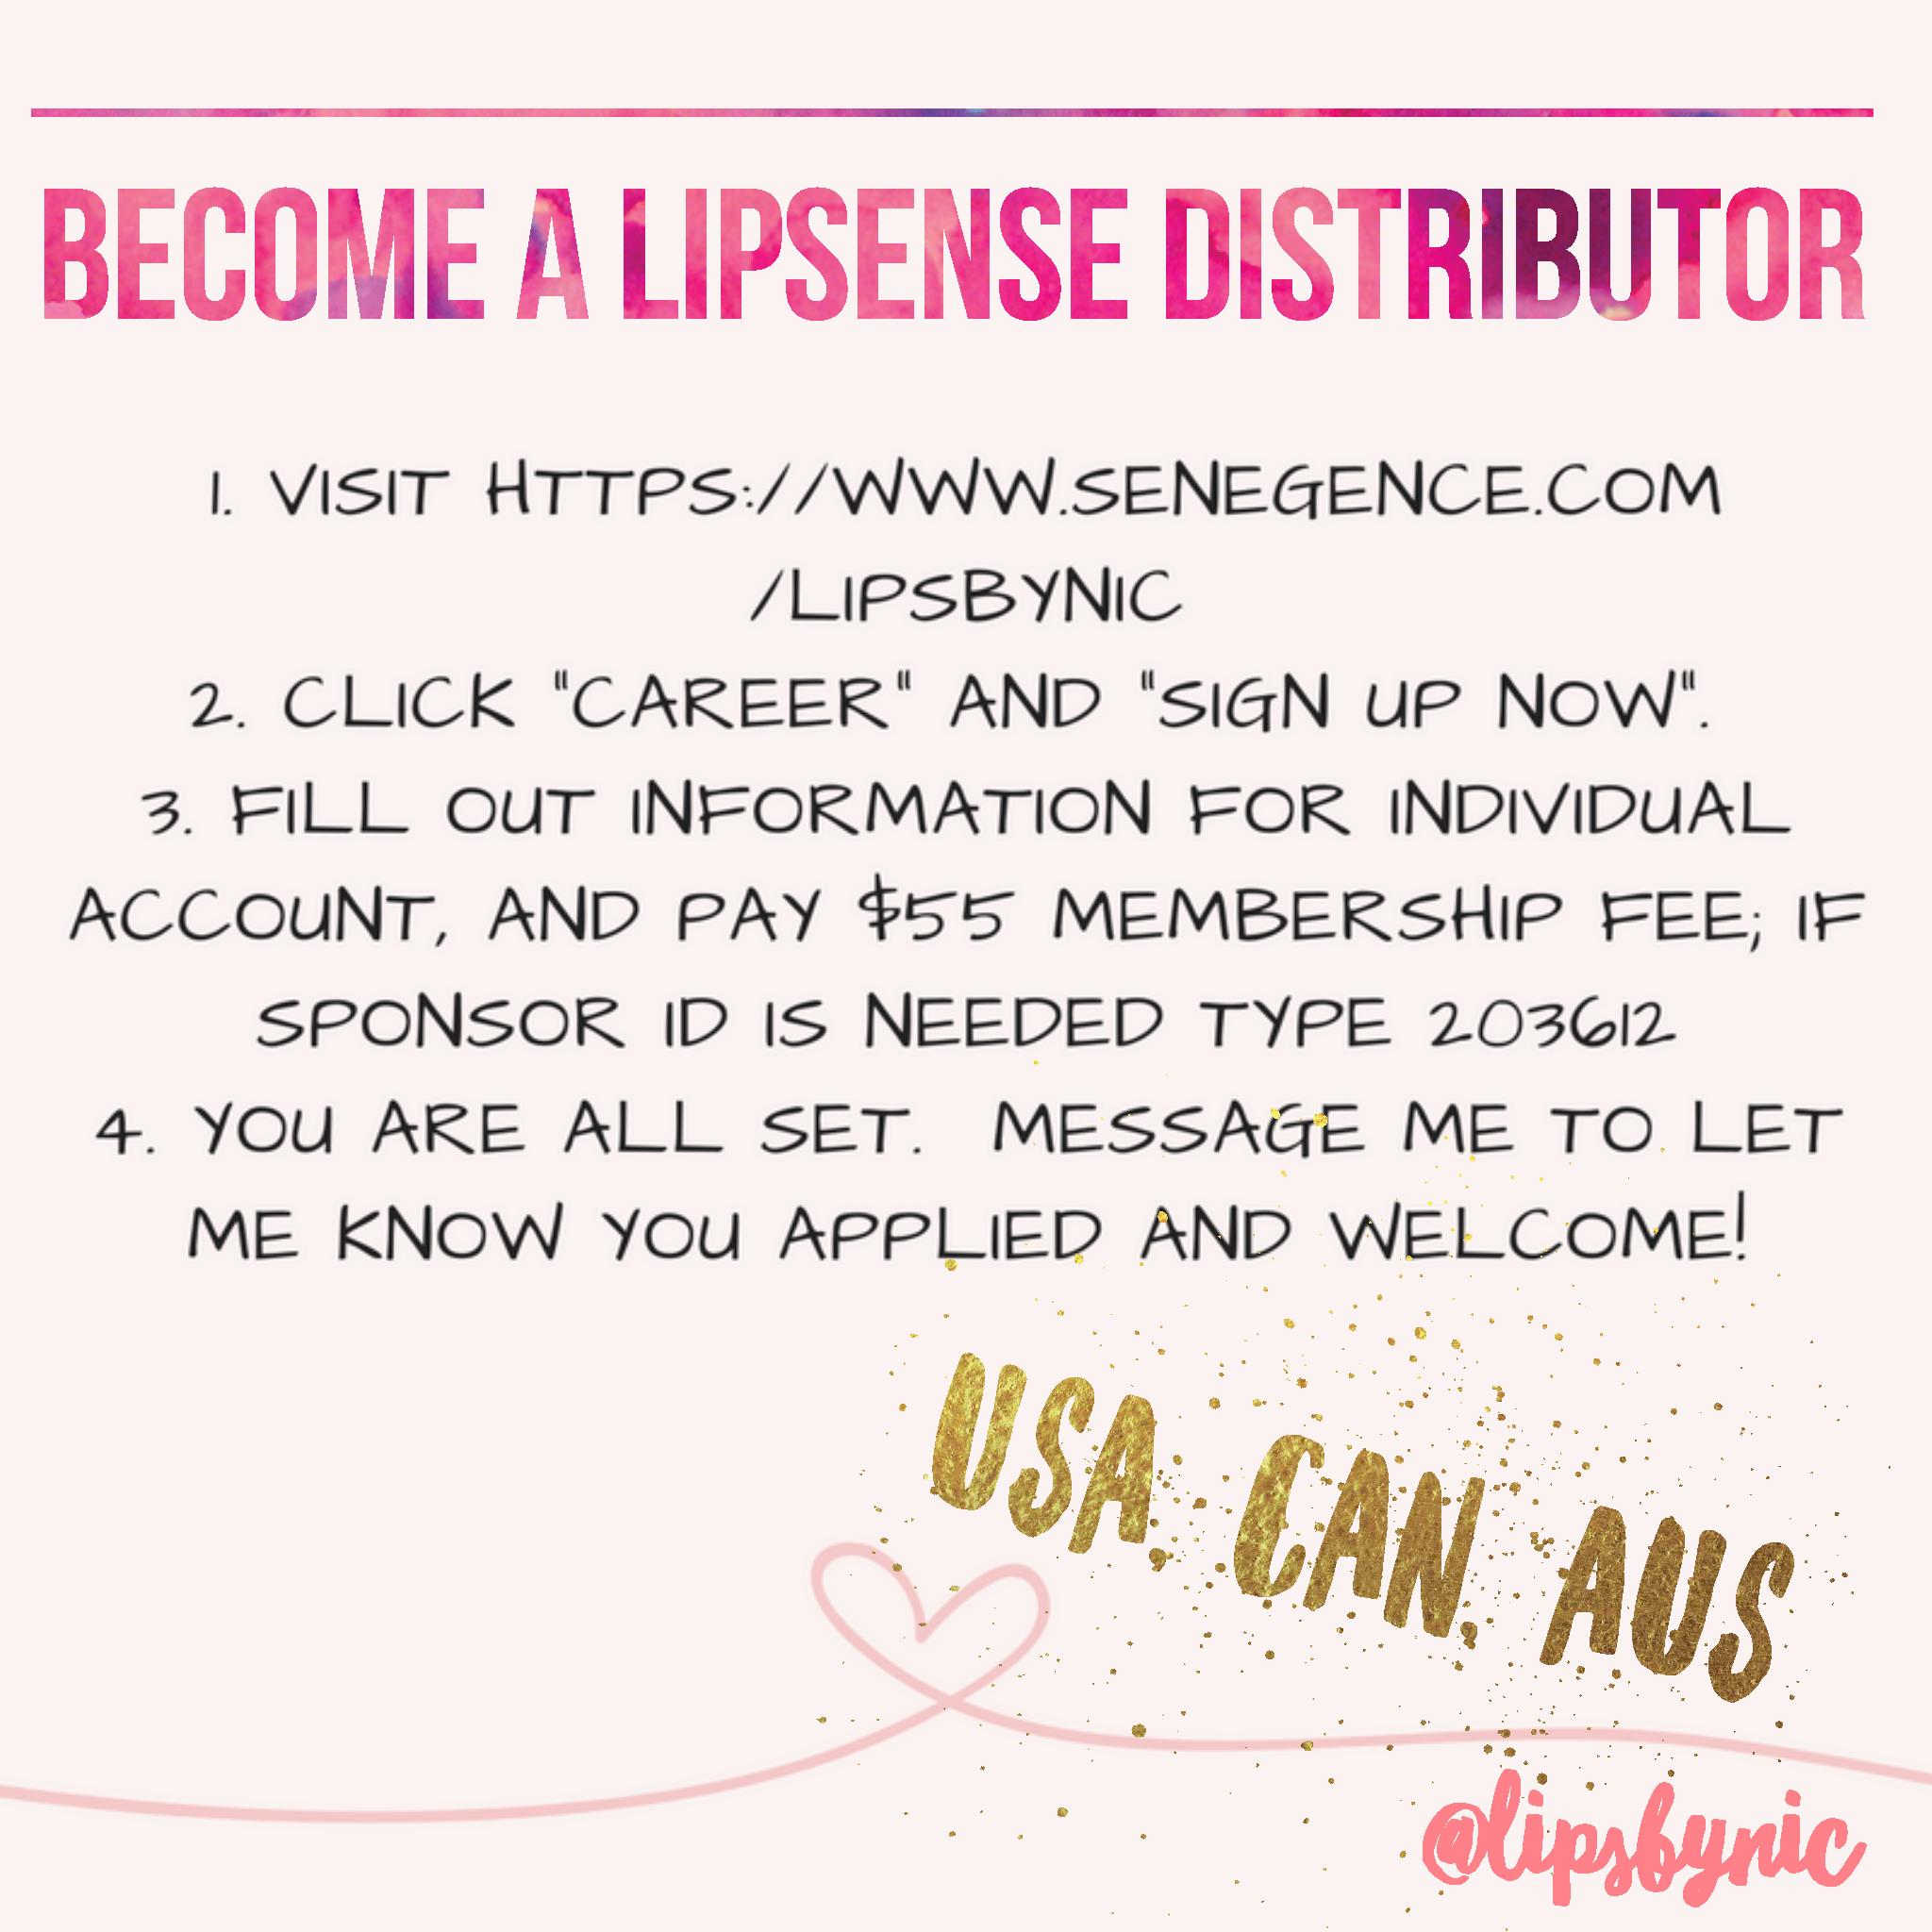 become-a-lipsense-distributor